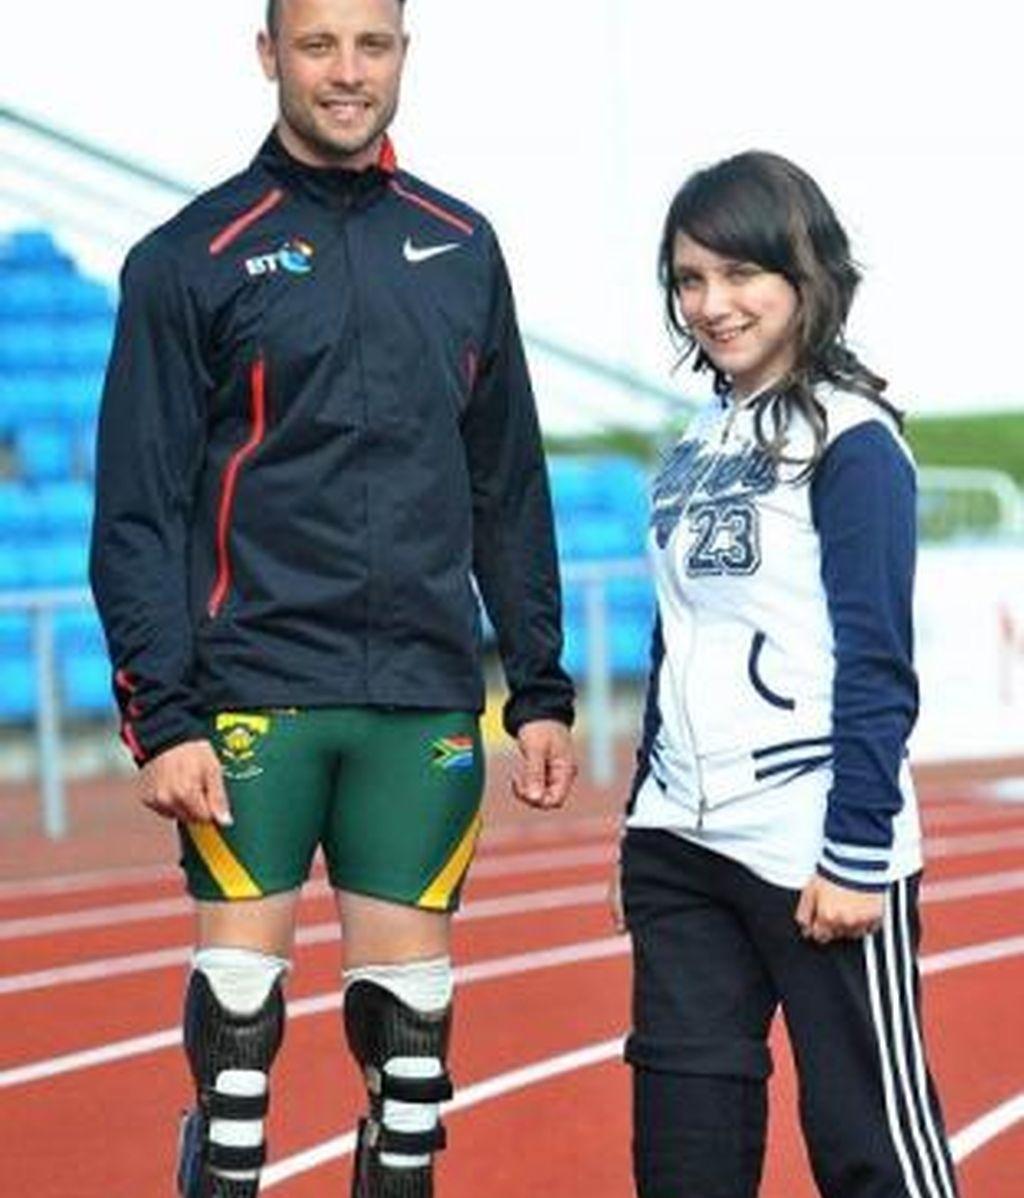 Una joven atleta paralímpica pide a los médicos que le apunten la otra pierna